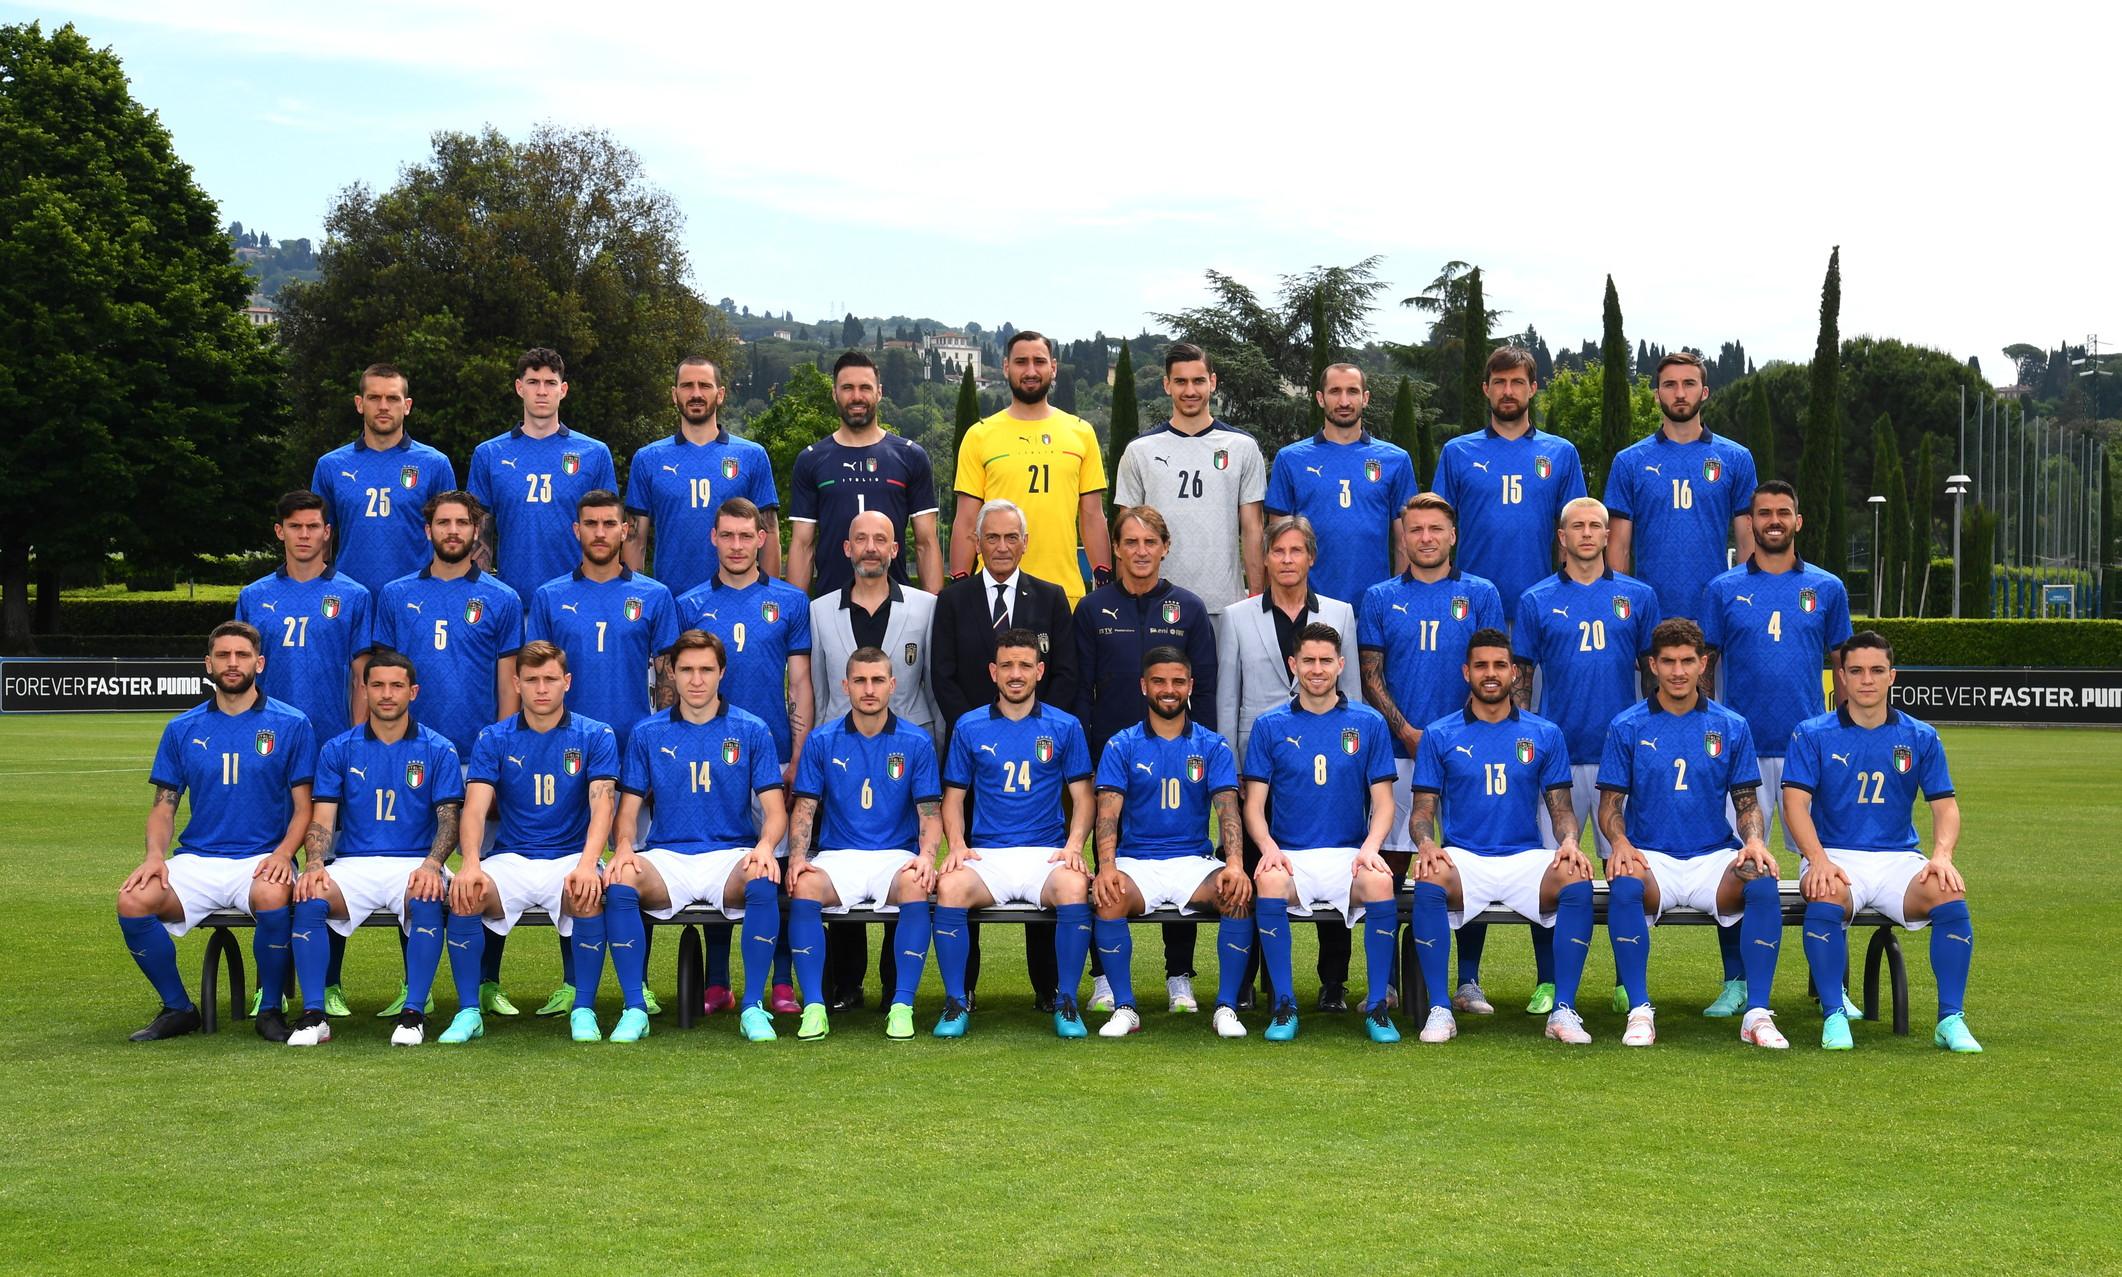 Euro 2020, la foto ufficiale della Nazionale italiana | Foto - Sportmediaset